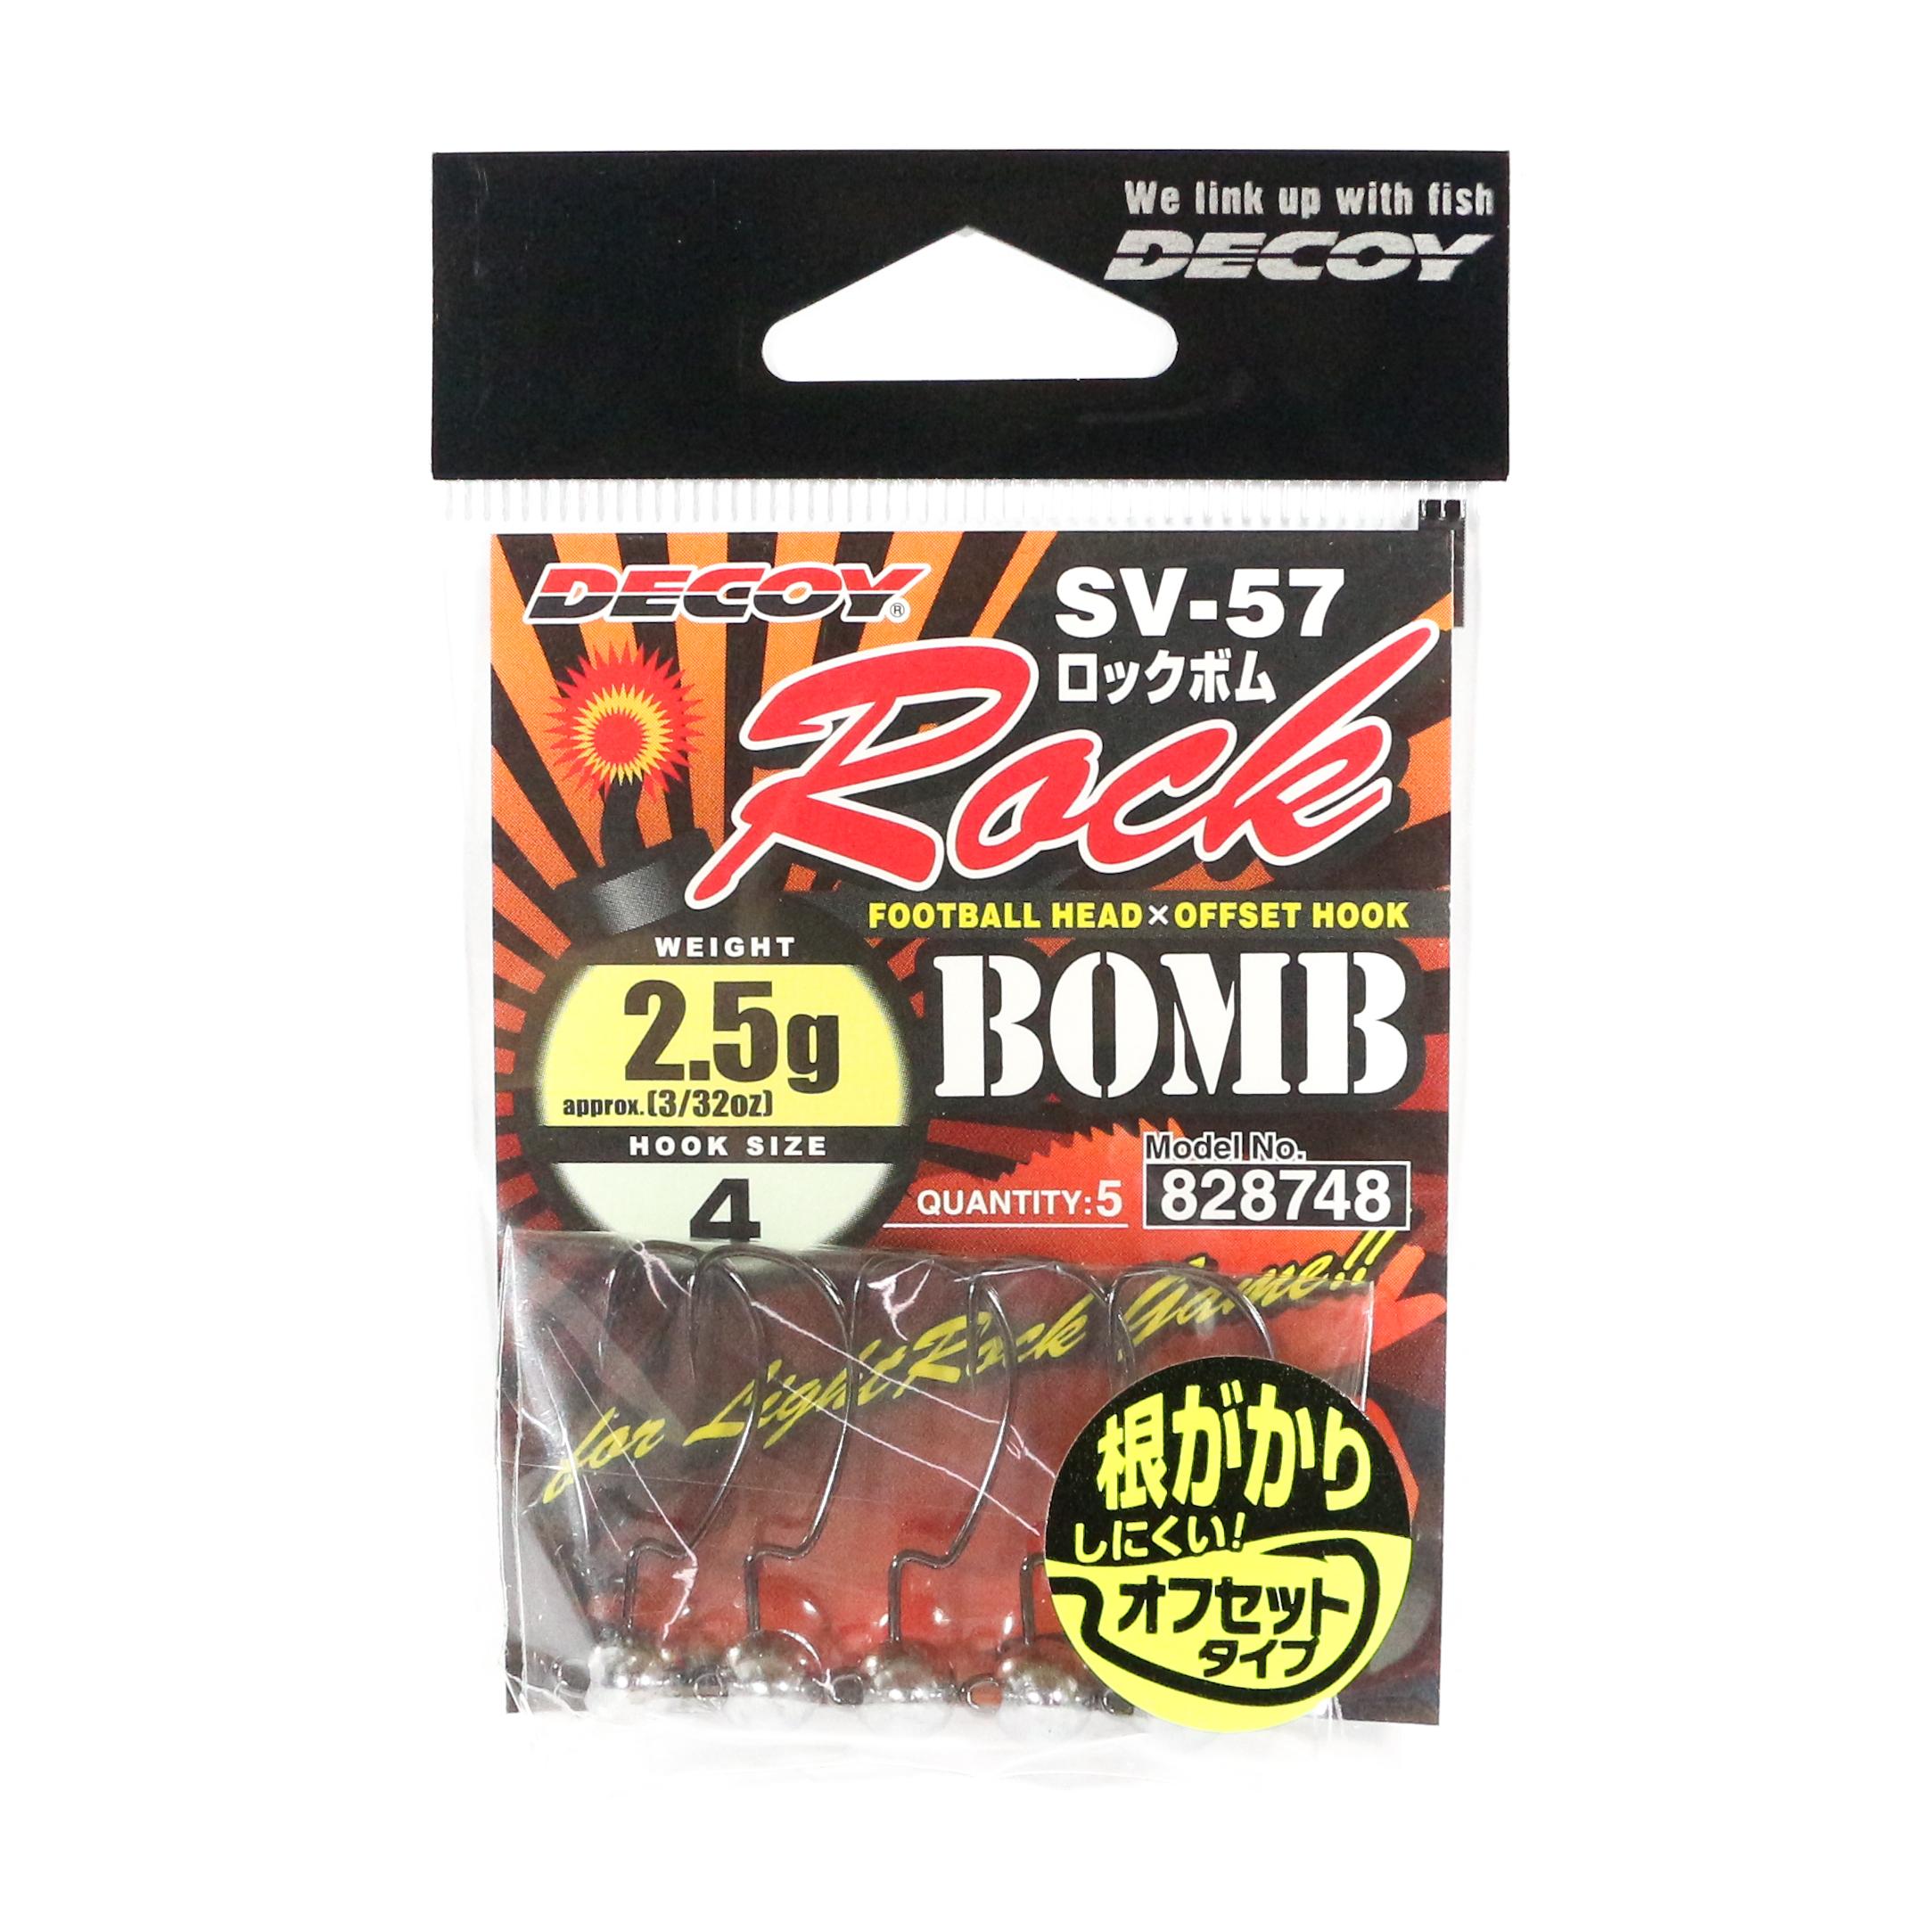 Decoy SV-57 Jig Head Rock Bomb Size 4 , 3/32 oz (8748)